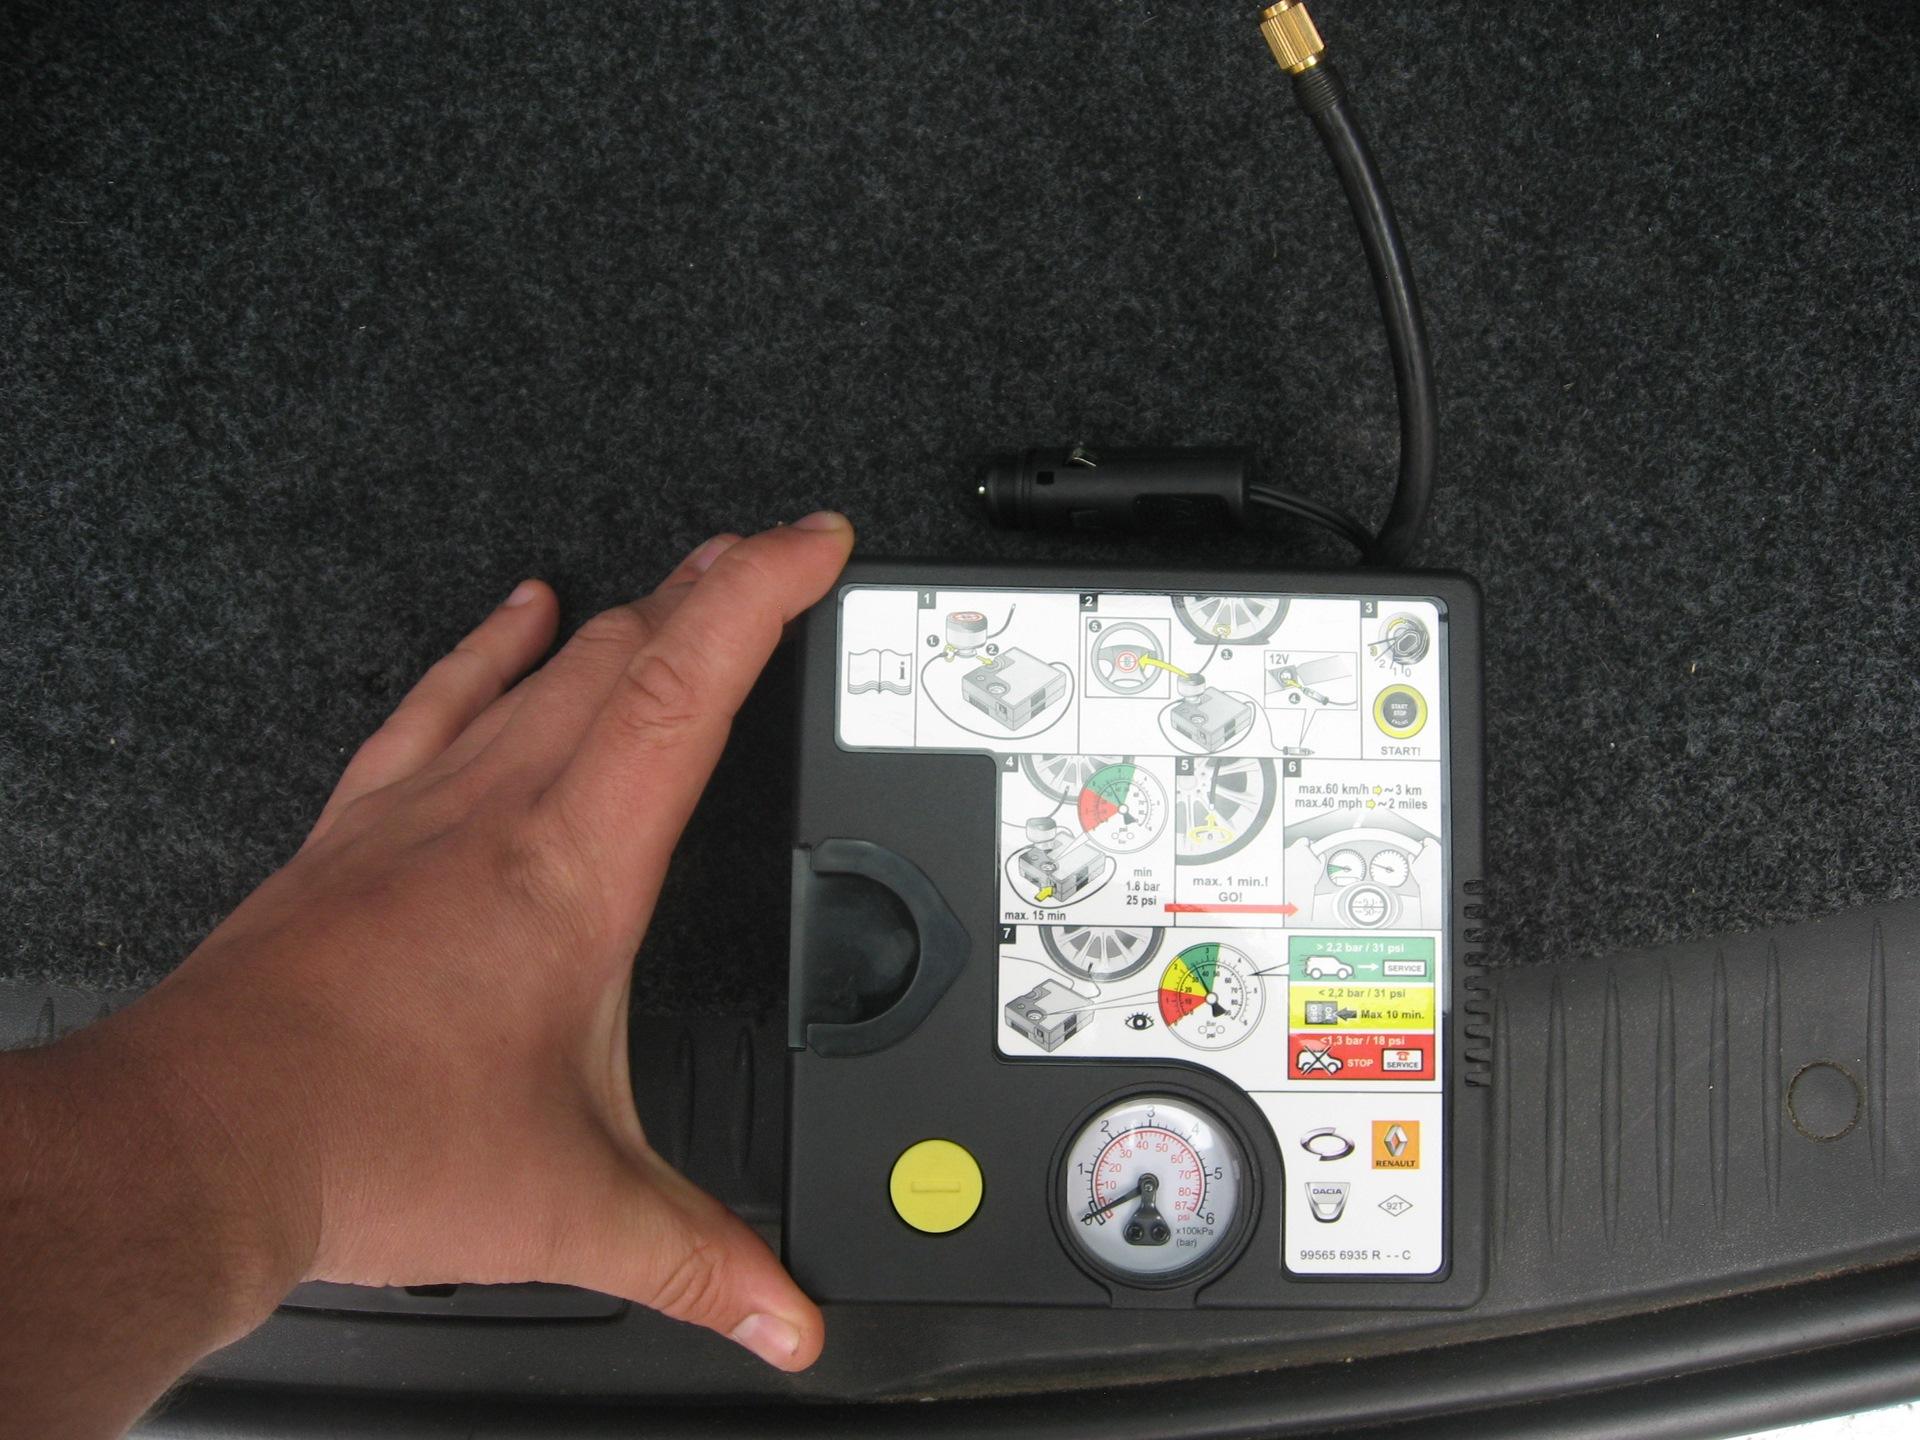 фото компрессора для шин в автомобиле поможет высушить айфон